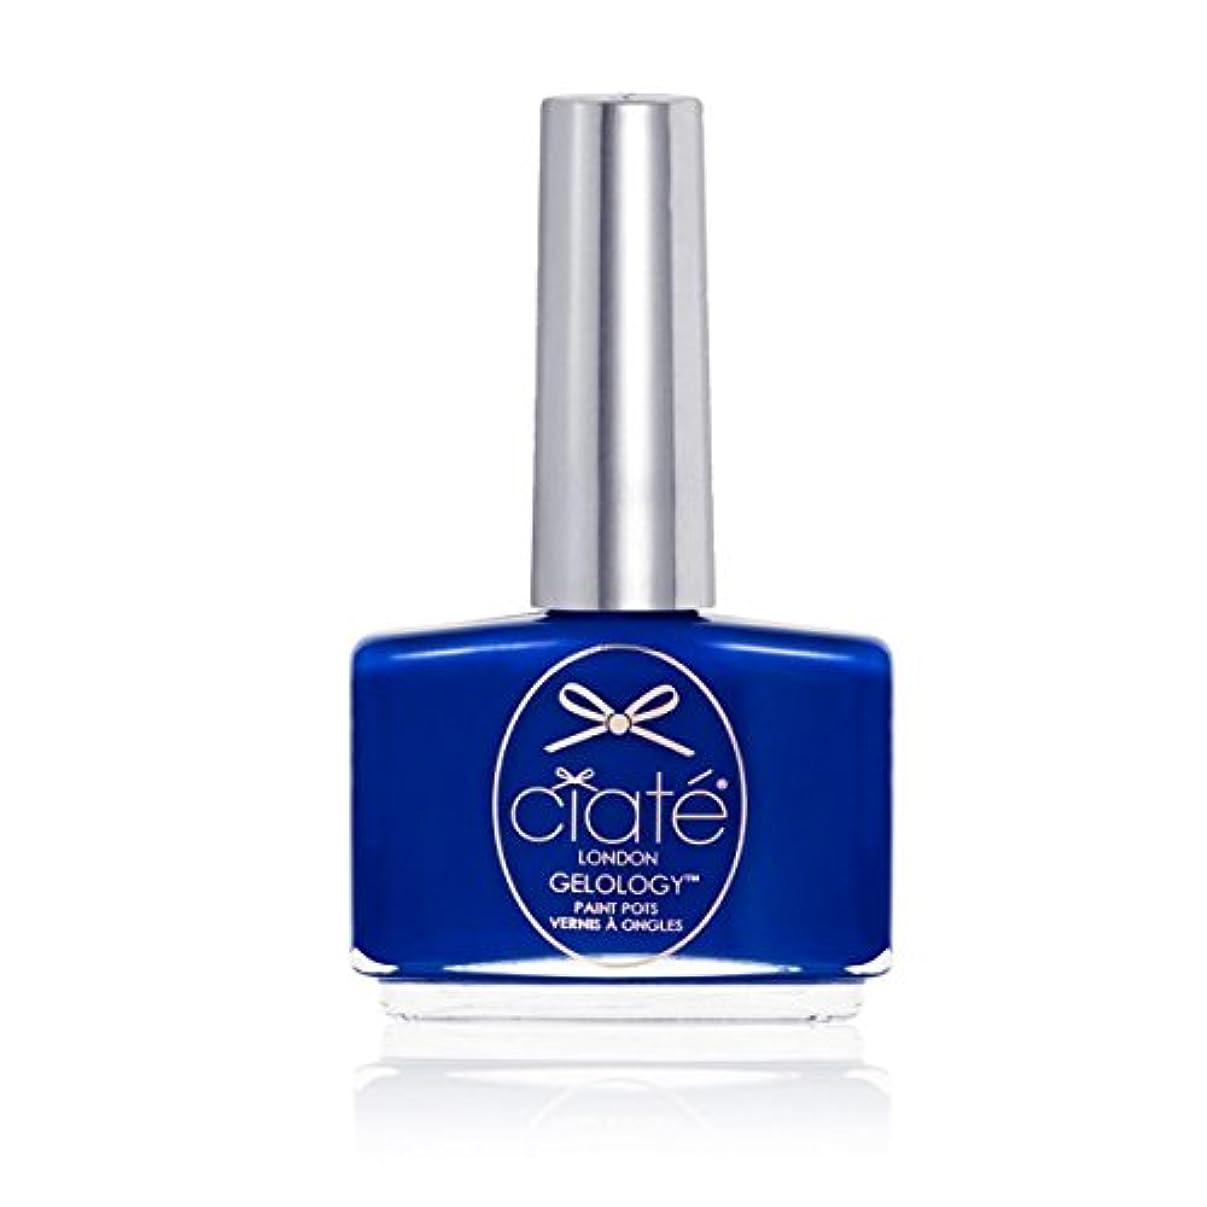 ネクタイ中央の間で[ciate] [シアテロンドン ] ジェルロジープールパーティー(カラー:マリンブルー)-GELOLOGY-POOL PARTY シアテロンドン ジェルポリッシュ 色:マリンブルー ネイルカラー系統:ブルー(青)